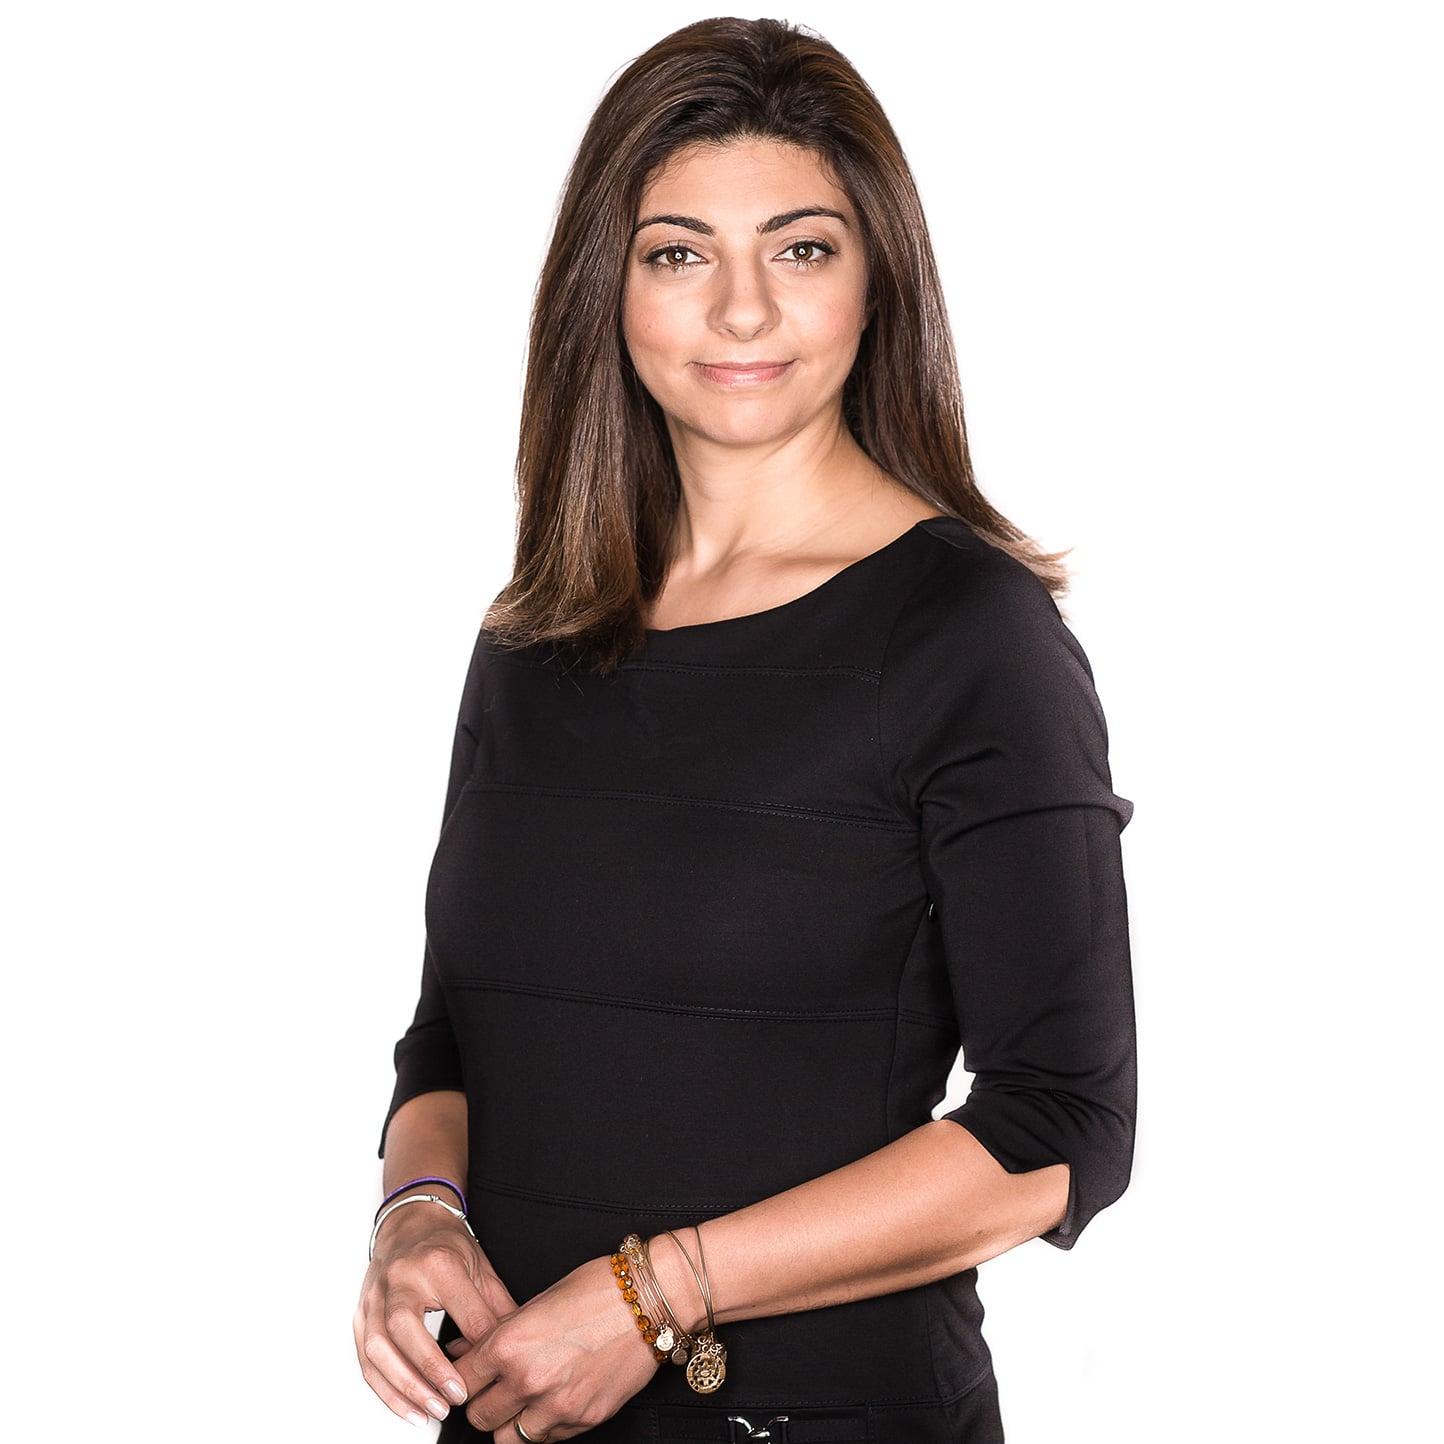 Rana El Kaliouby